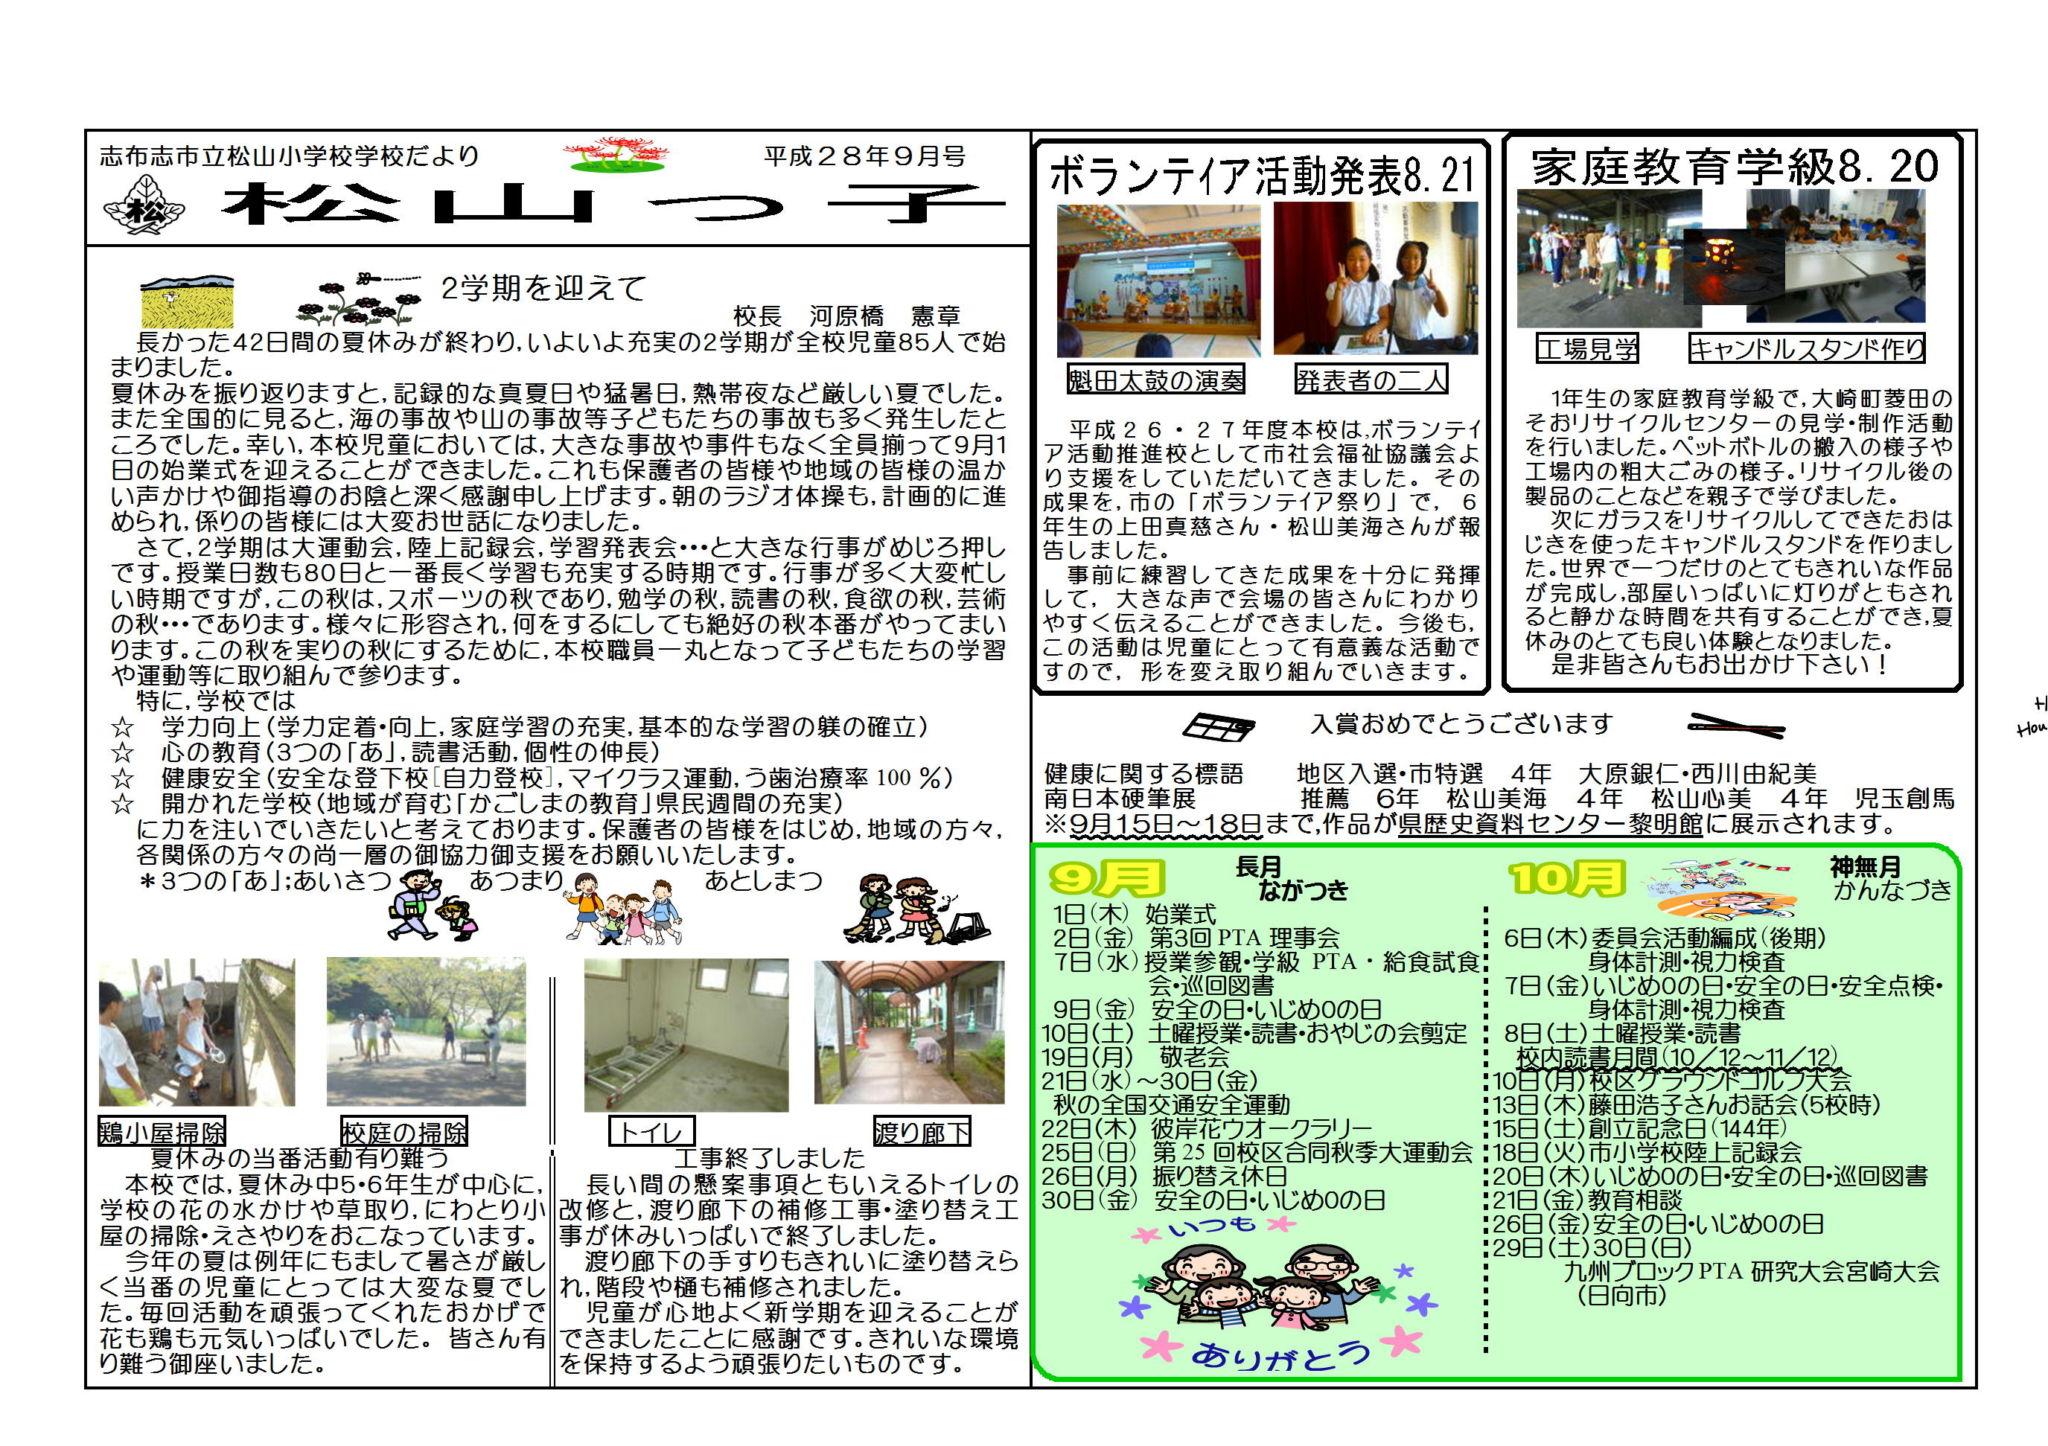 h28-matsuyama-els-dayori09